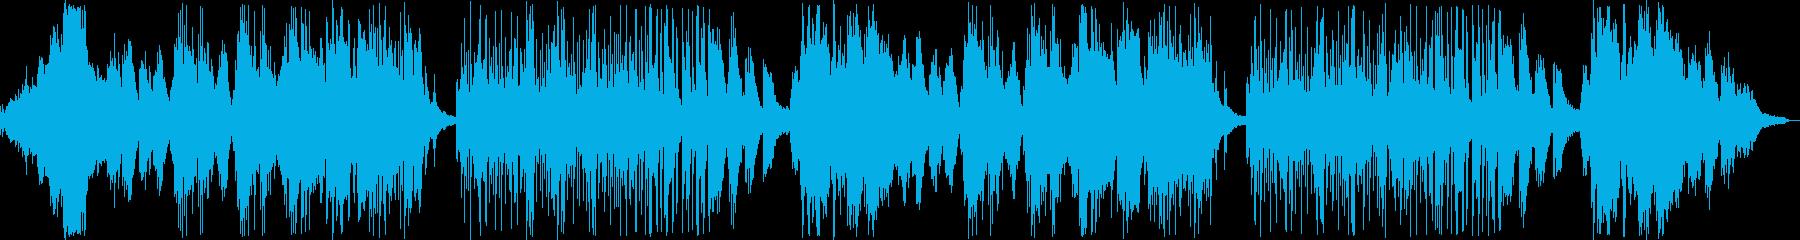 幻想的なメロディのバラードの再生済みの波形